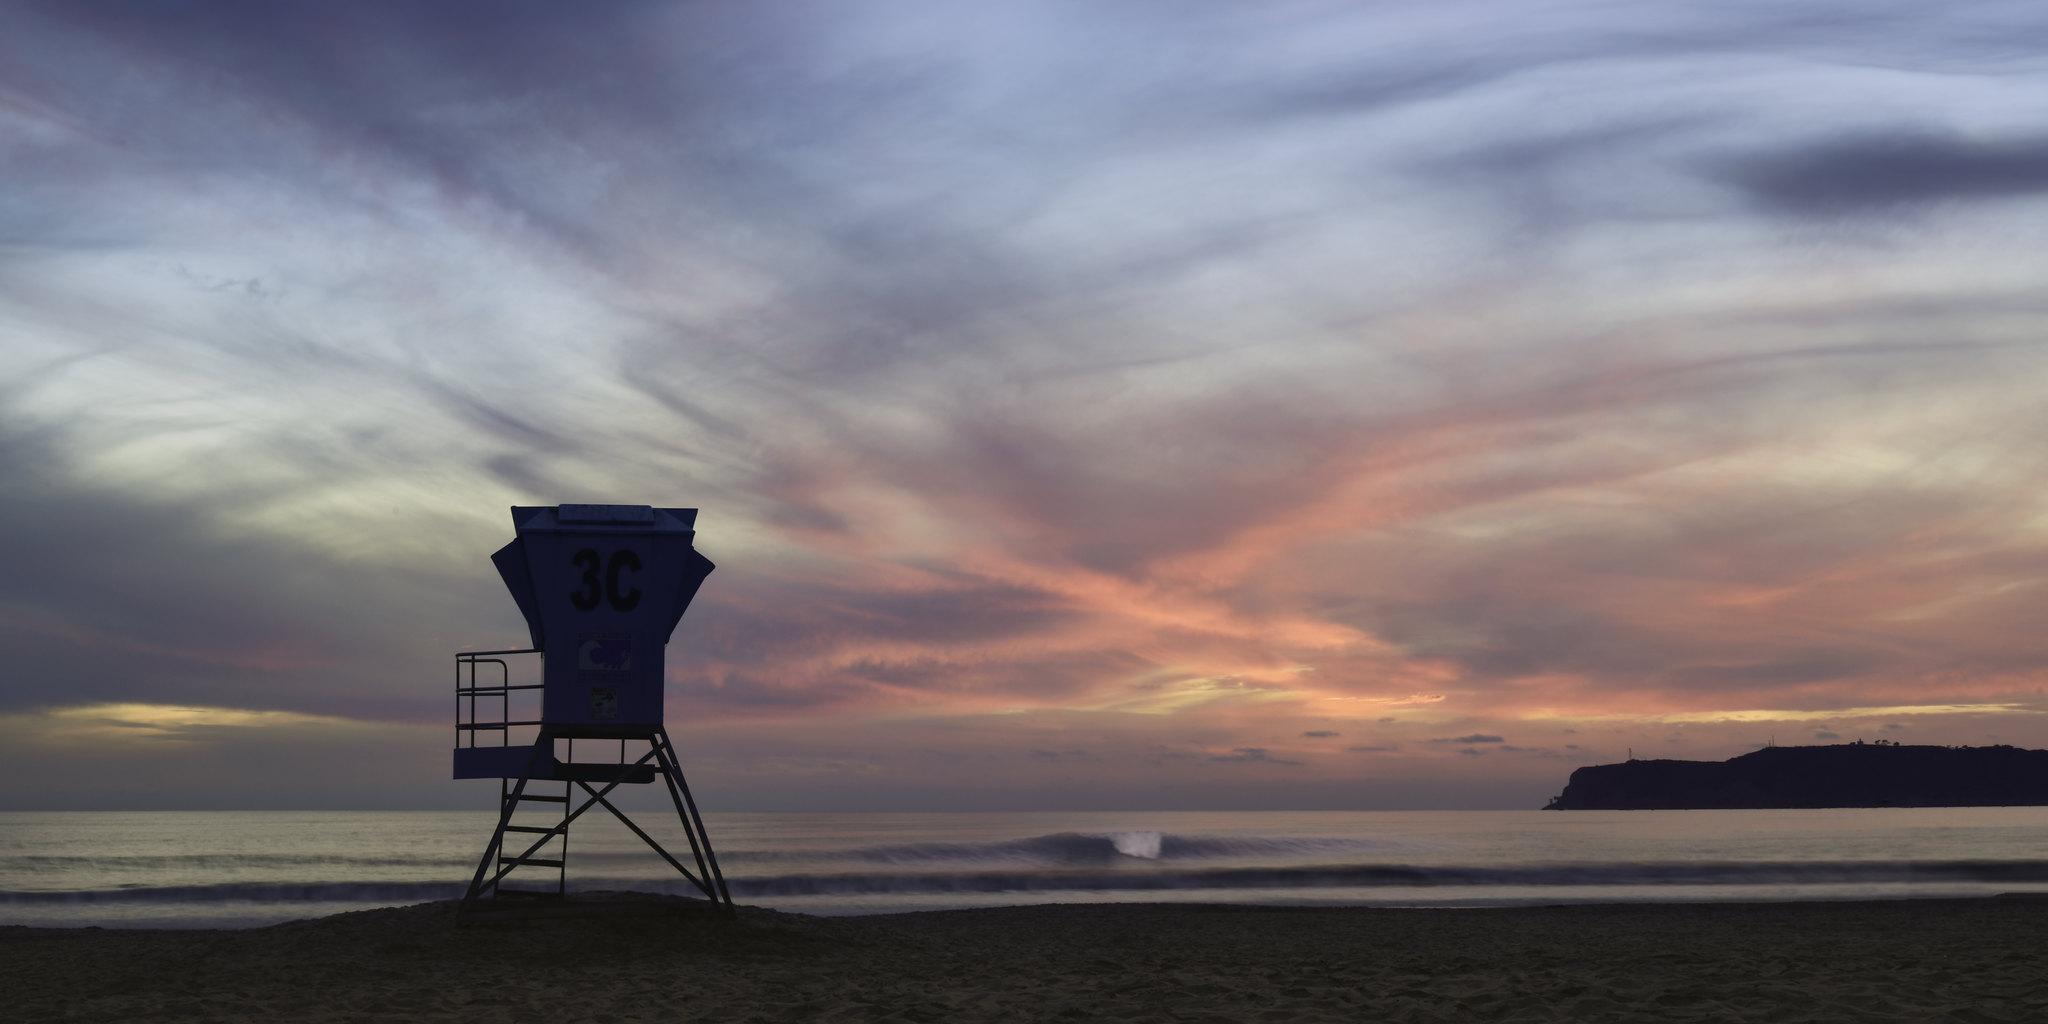 Sunset at Coronado Beach Lifeguard Tower 3C